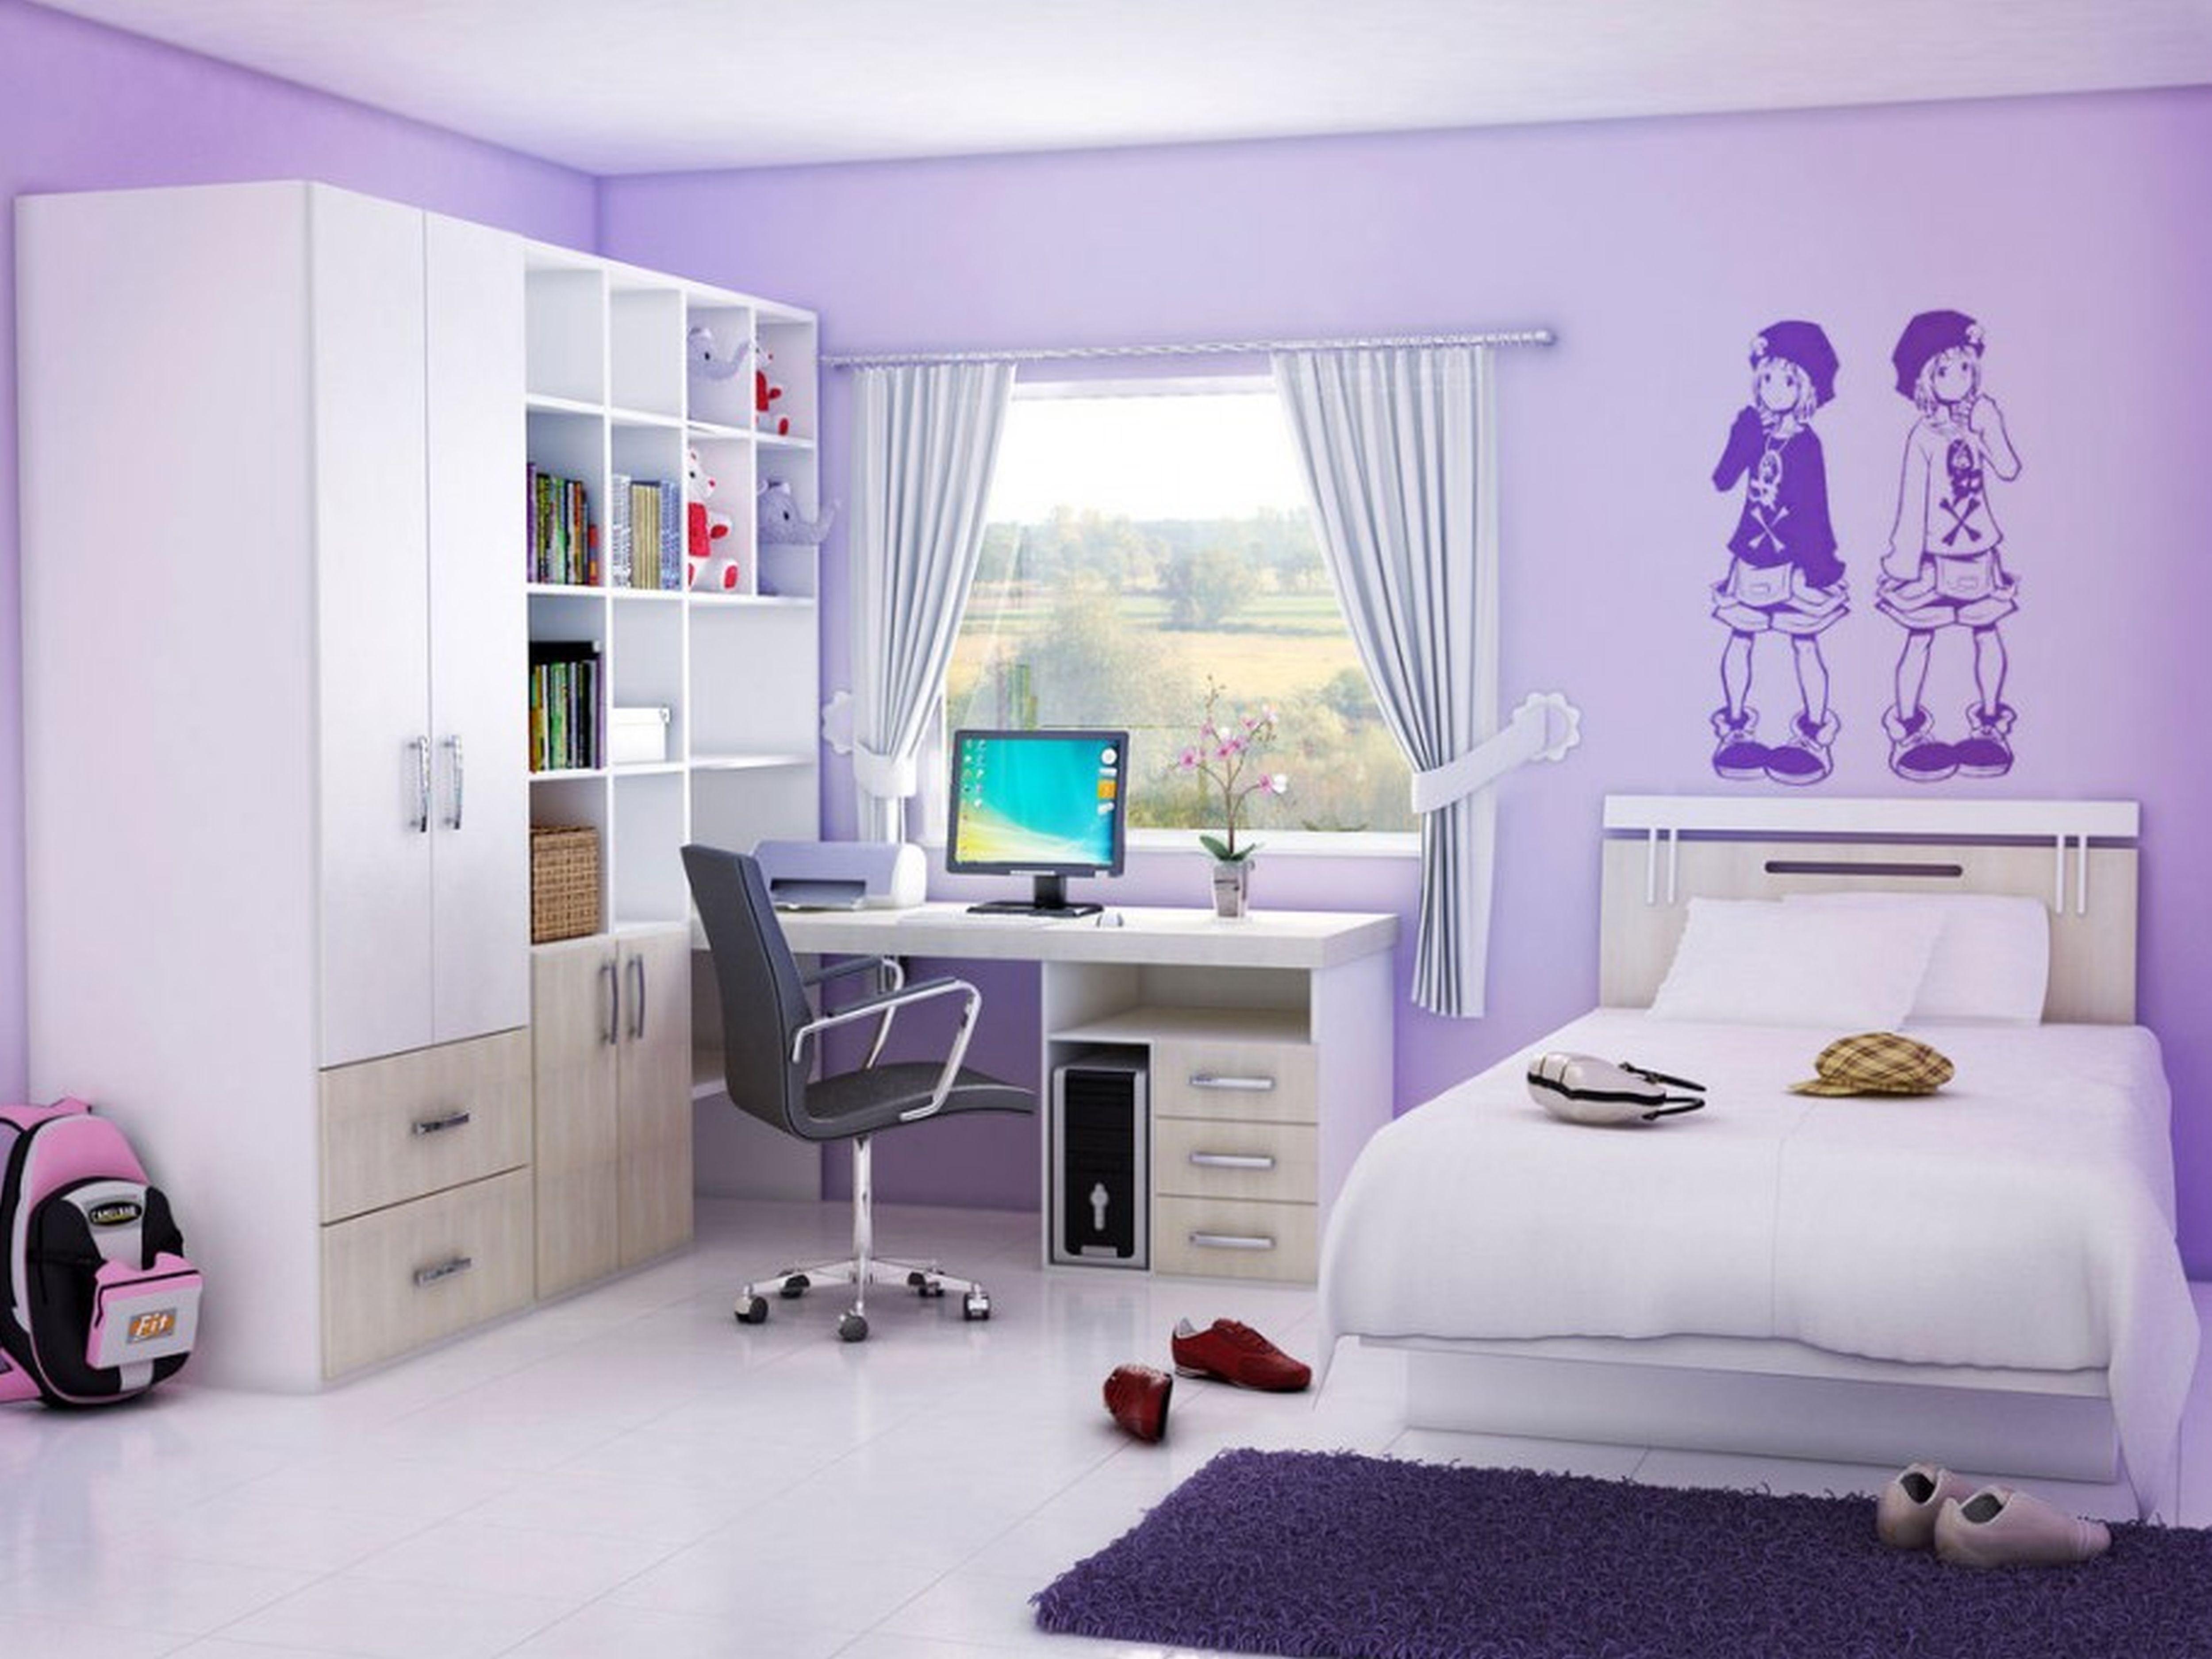 Вариант оформления комнаты для девочки-подростка